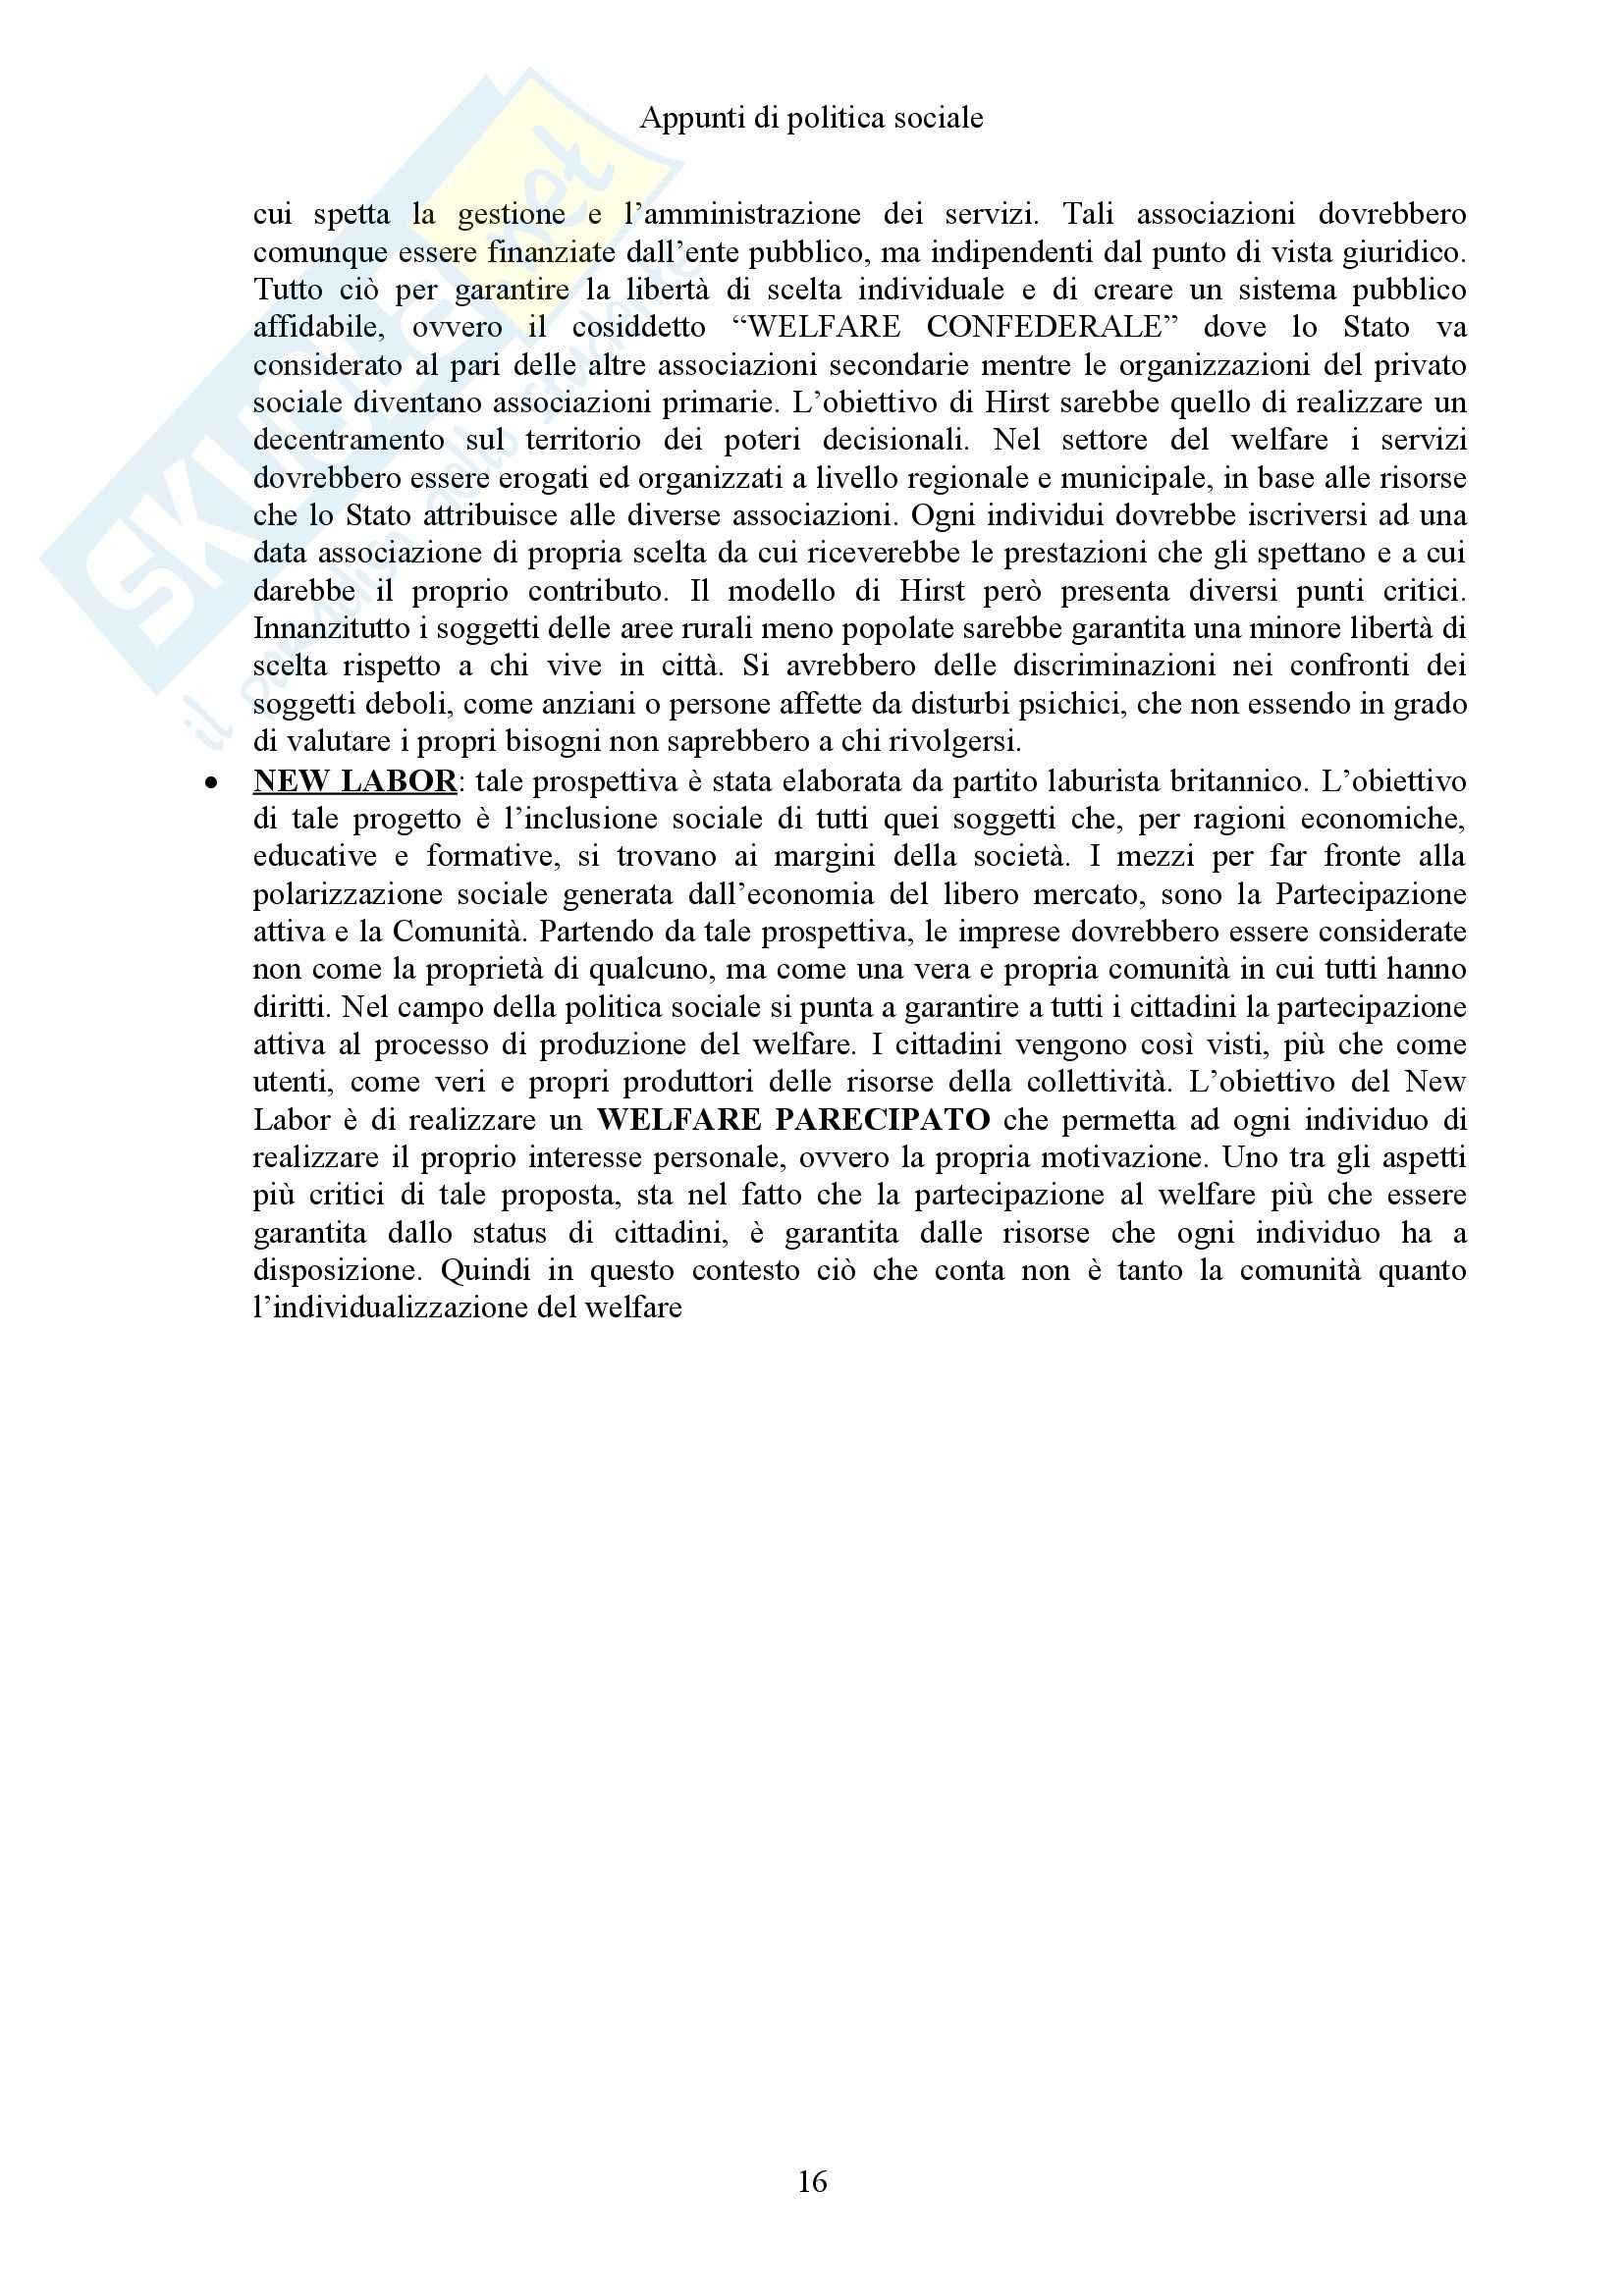 Politica sociale e Sistemi sociali comparati - Appunti Pag. 16